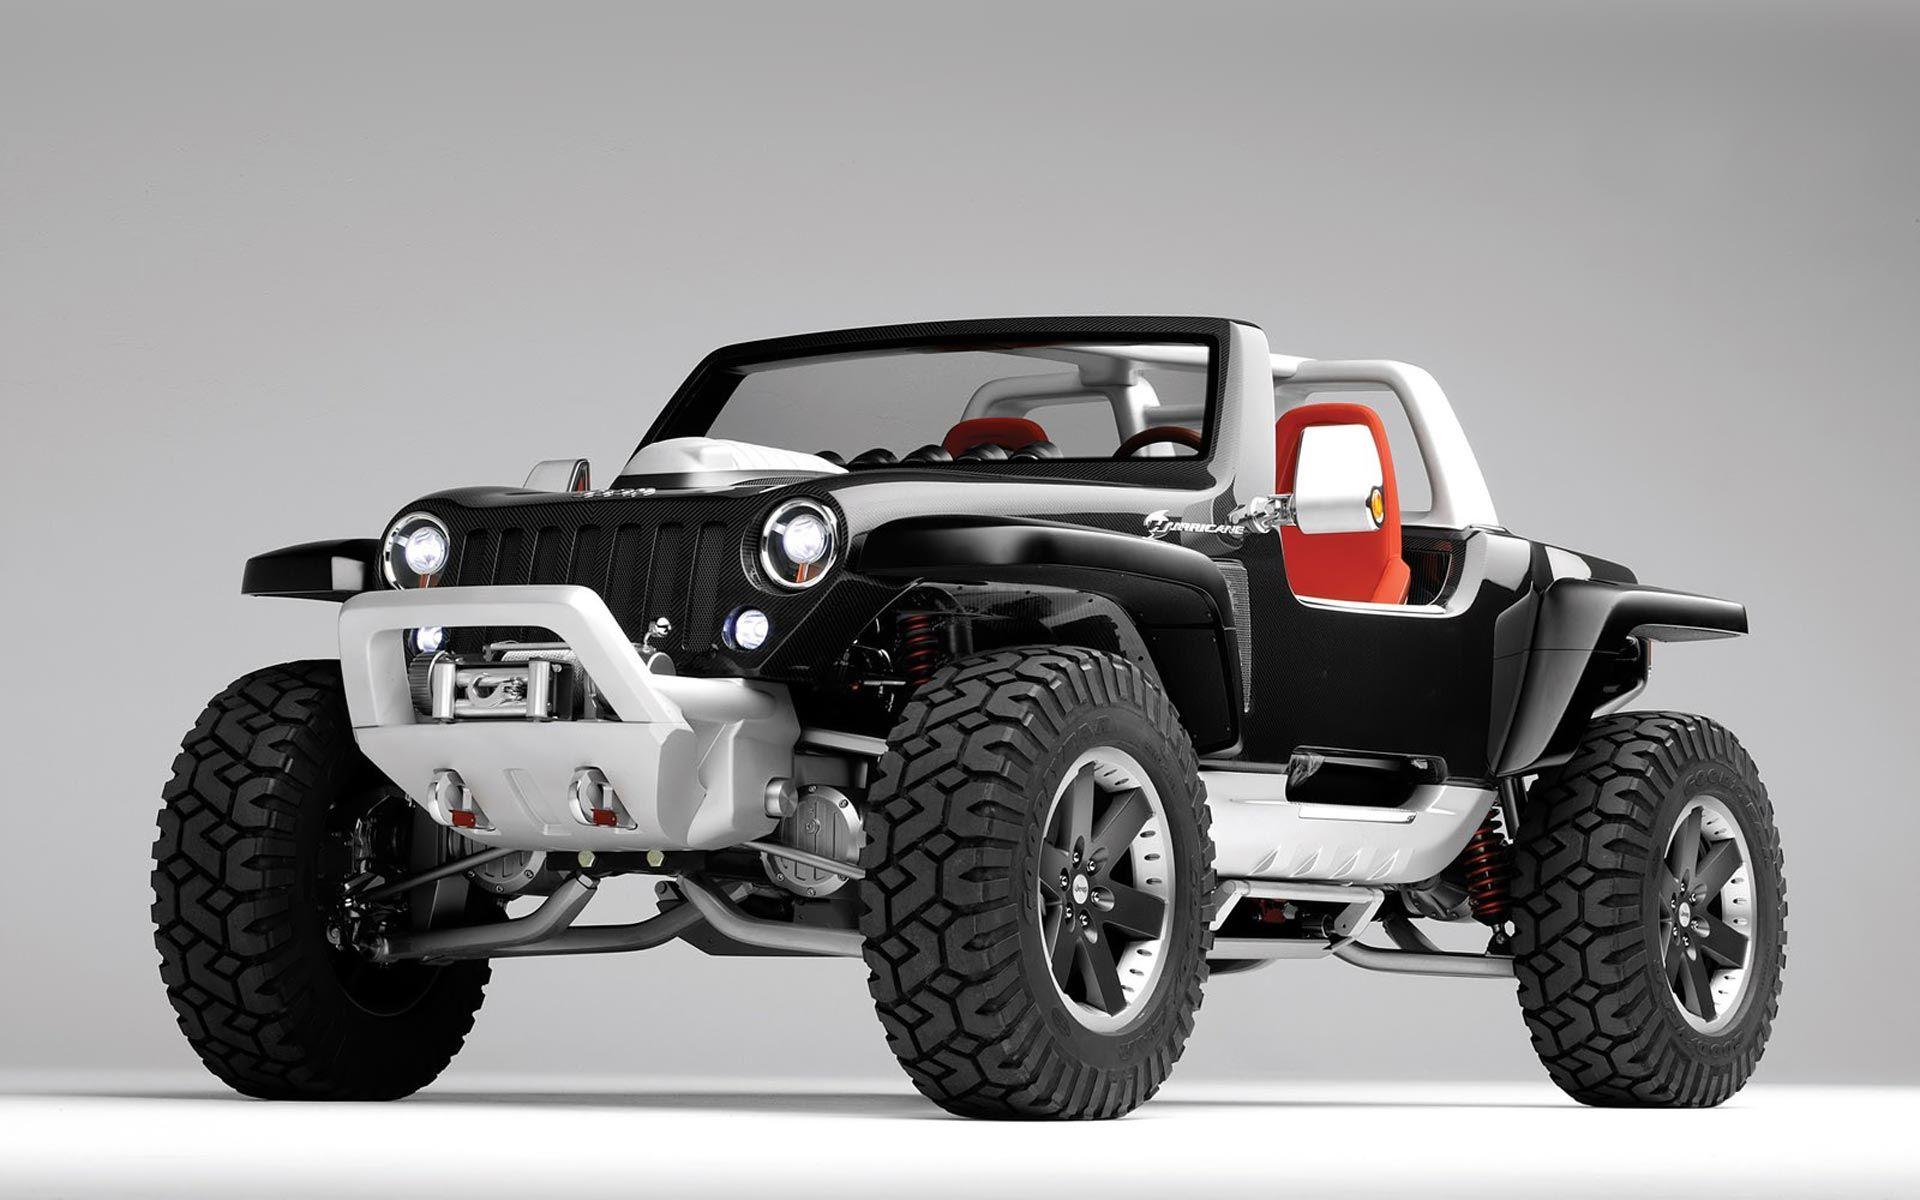 Hd wallpaper jeep - Jeep Black Jeep Hurricane Car Hd Wallpapers Cars Pinterest Black Jeep Jeeps And Cars